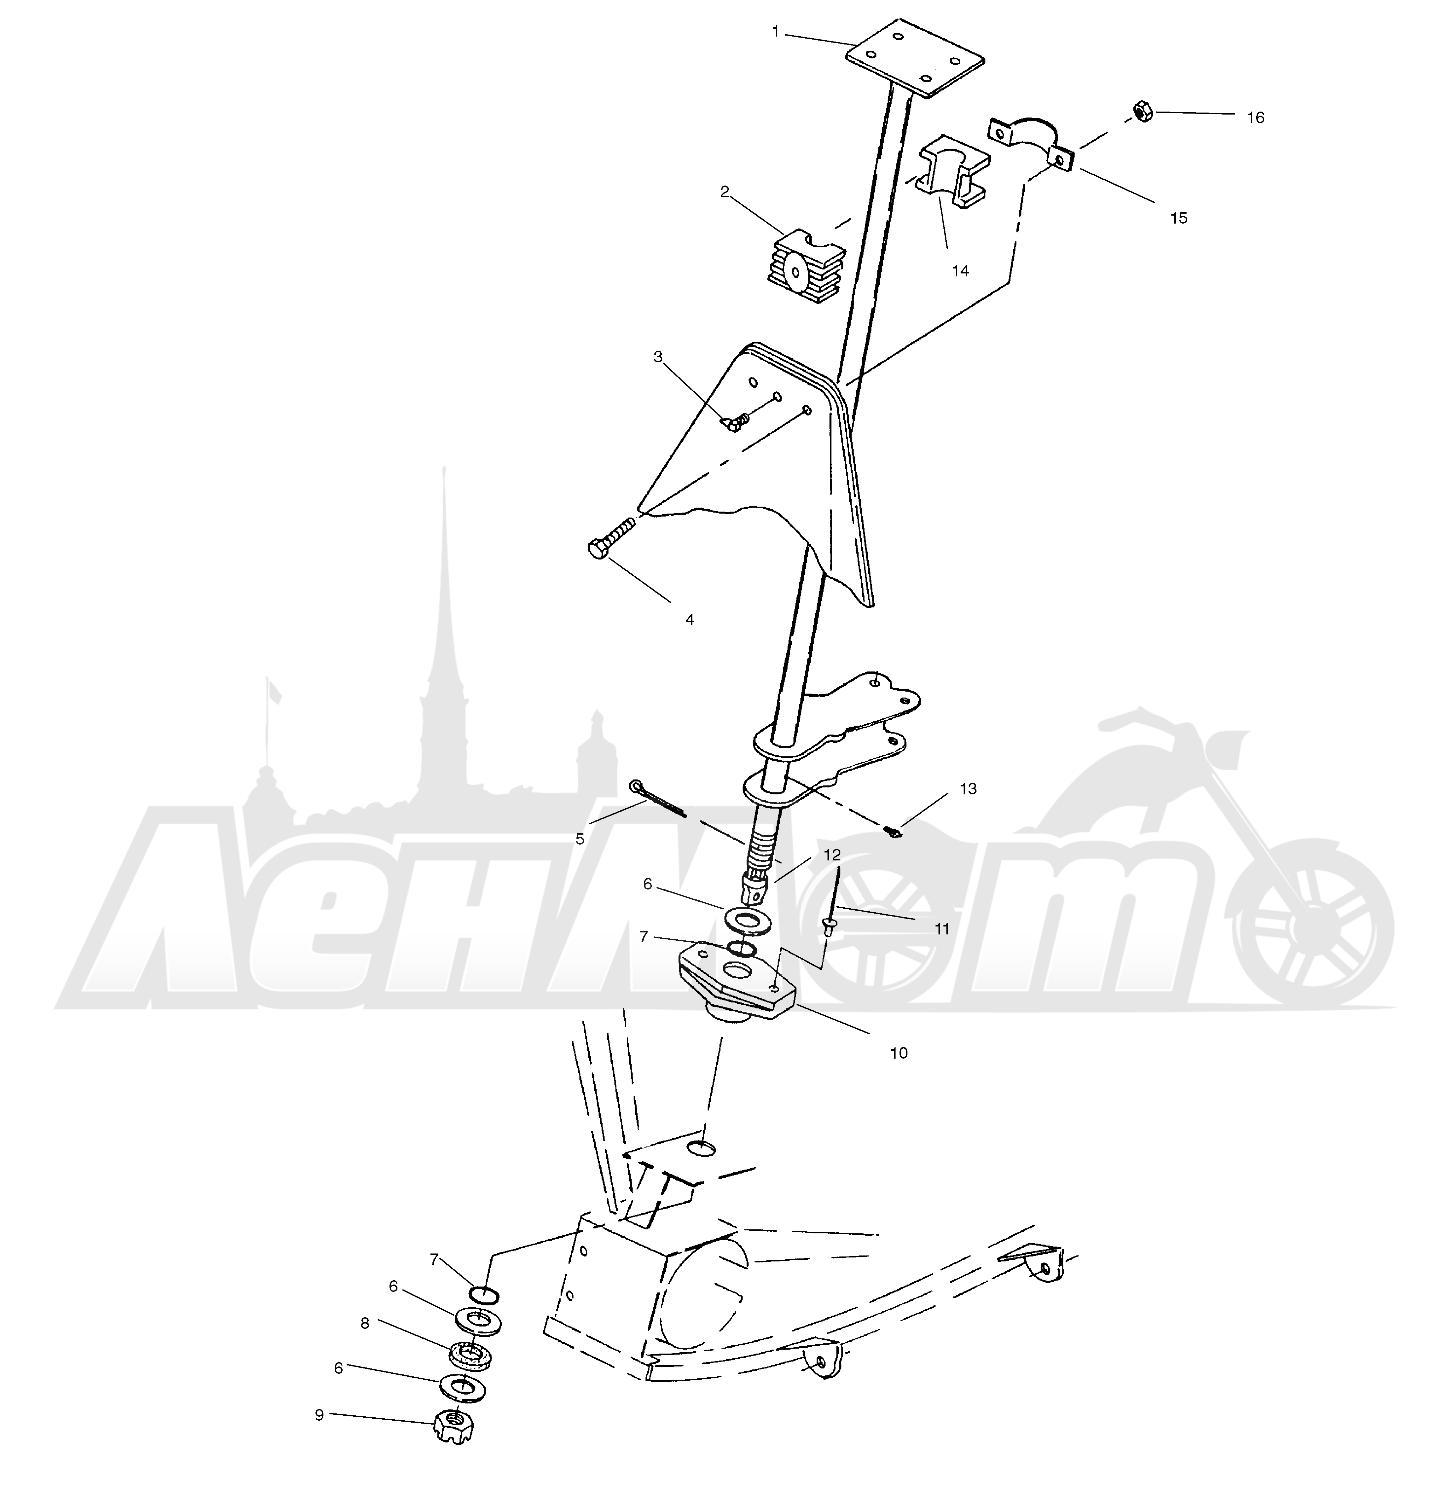 Запчасти для Квадроцикла Polaris 1996 SPORT 400L - W968540 Раздел: STEERING POST - W968540 | рулевое управление стойка W968540